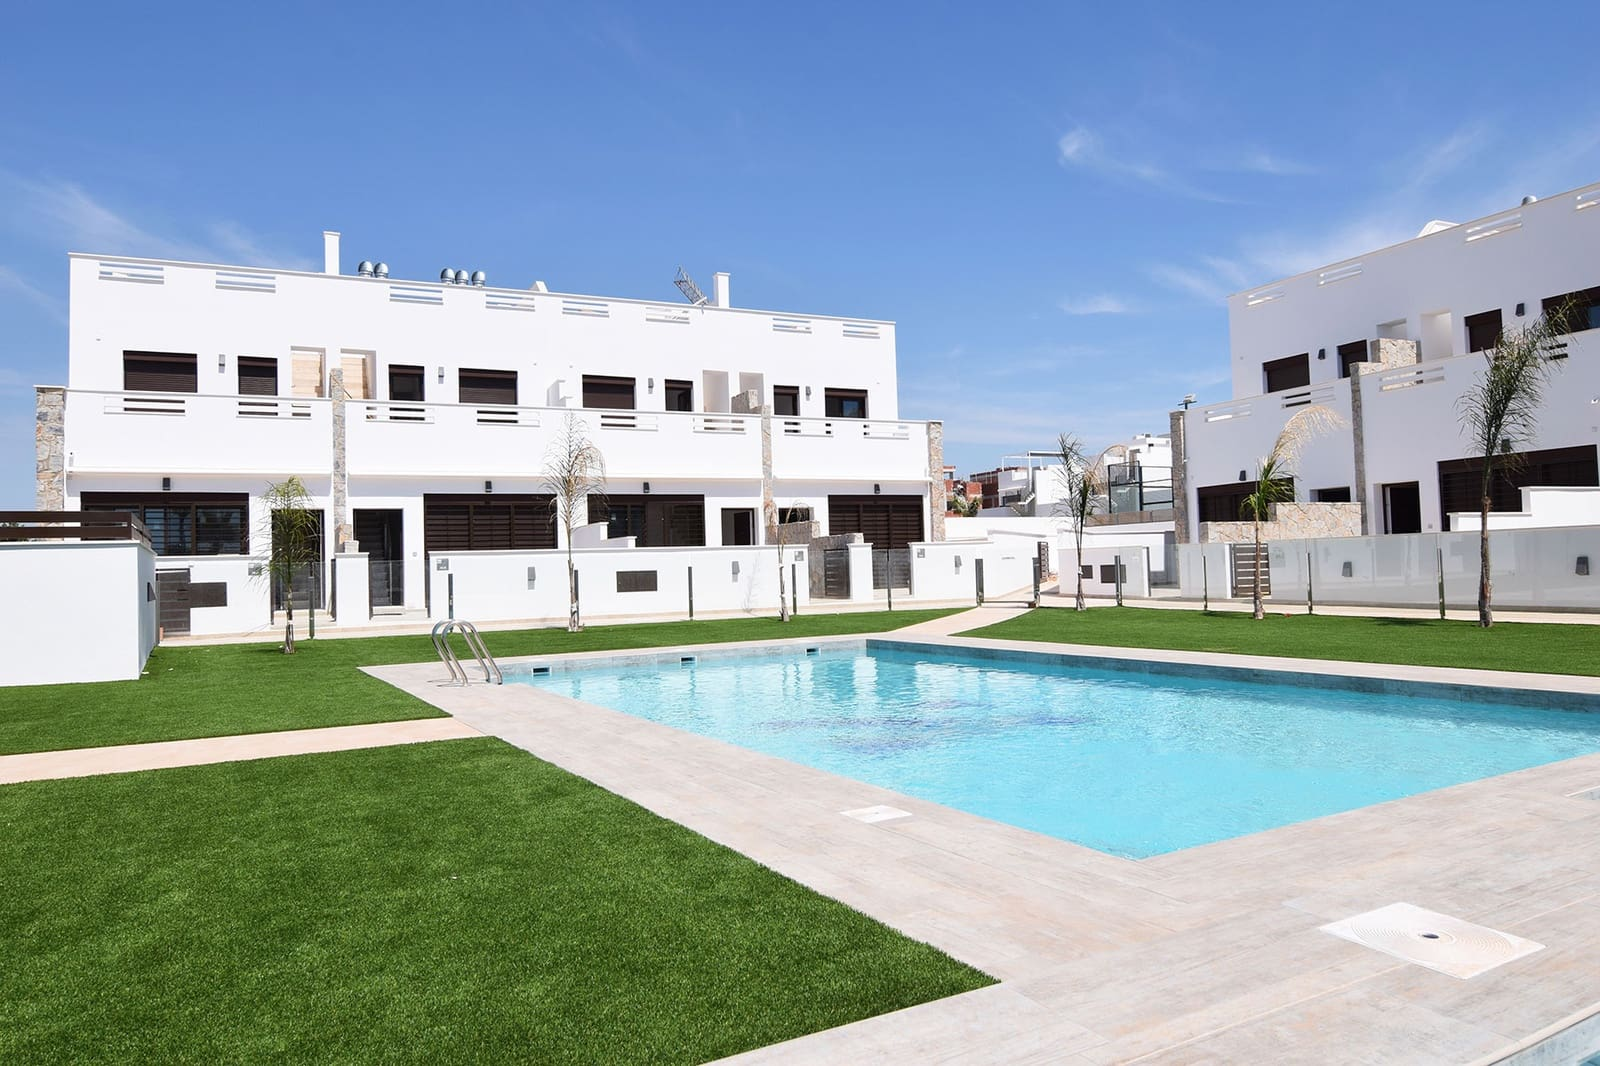 Apartamento de 3 habitaciones en Pilar de la Horadada en venta con piscina - 244.000 € (Ref: 5067227)